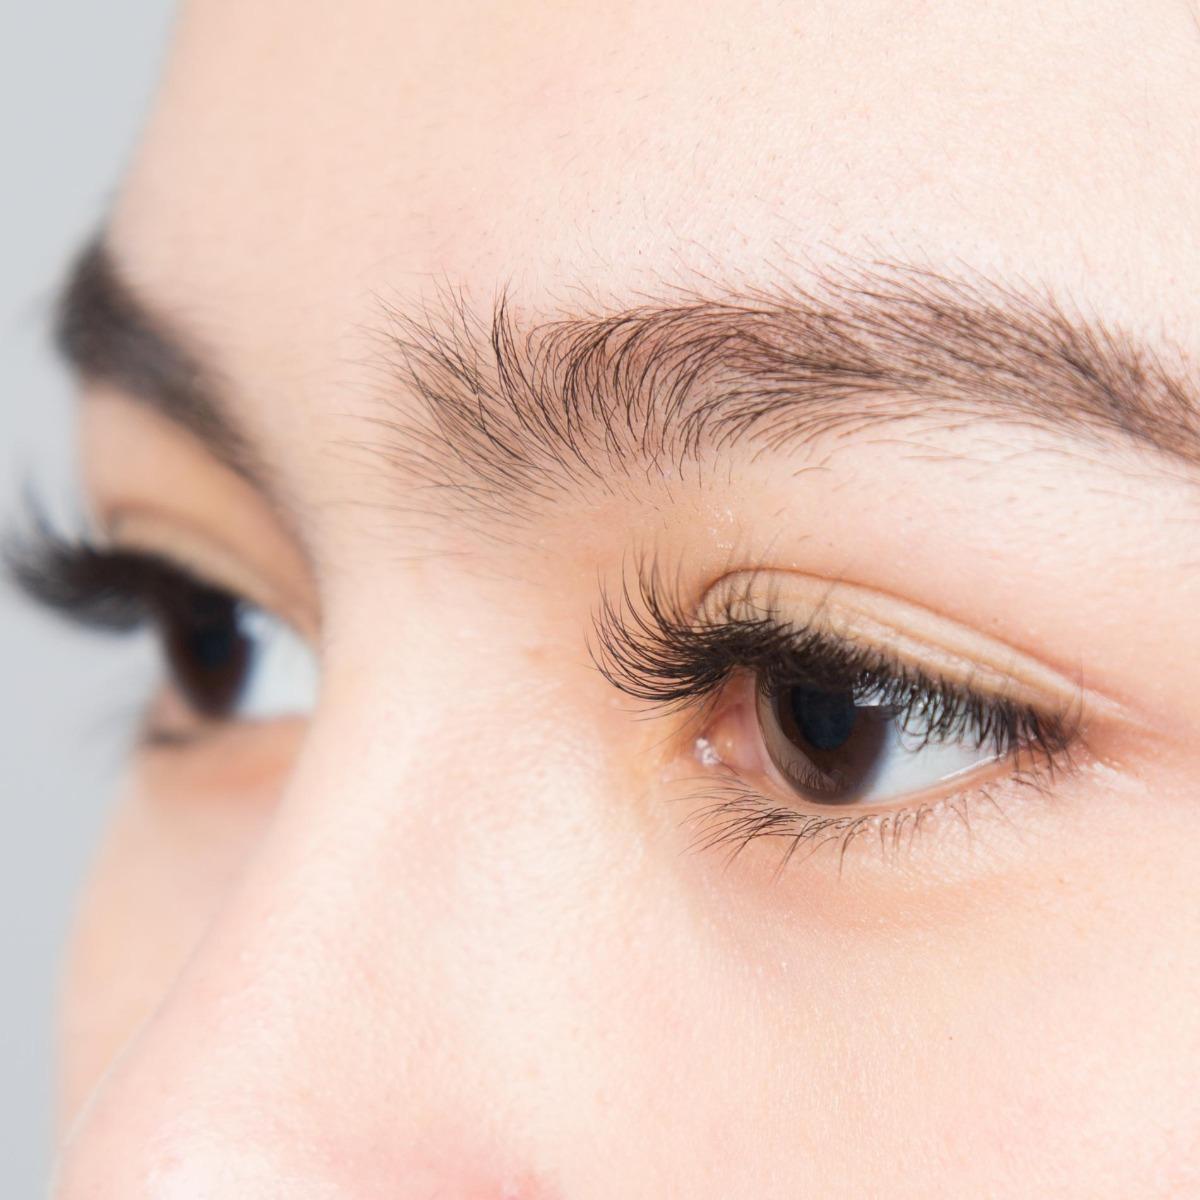 Nối Mi Tạo Nên Sức Hút Hấp Dẫn Cho Đôi Mắt. Hasaki chất lượng cho tất cả